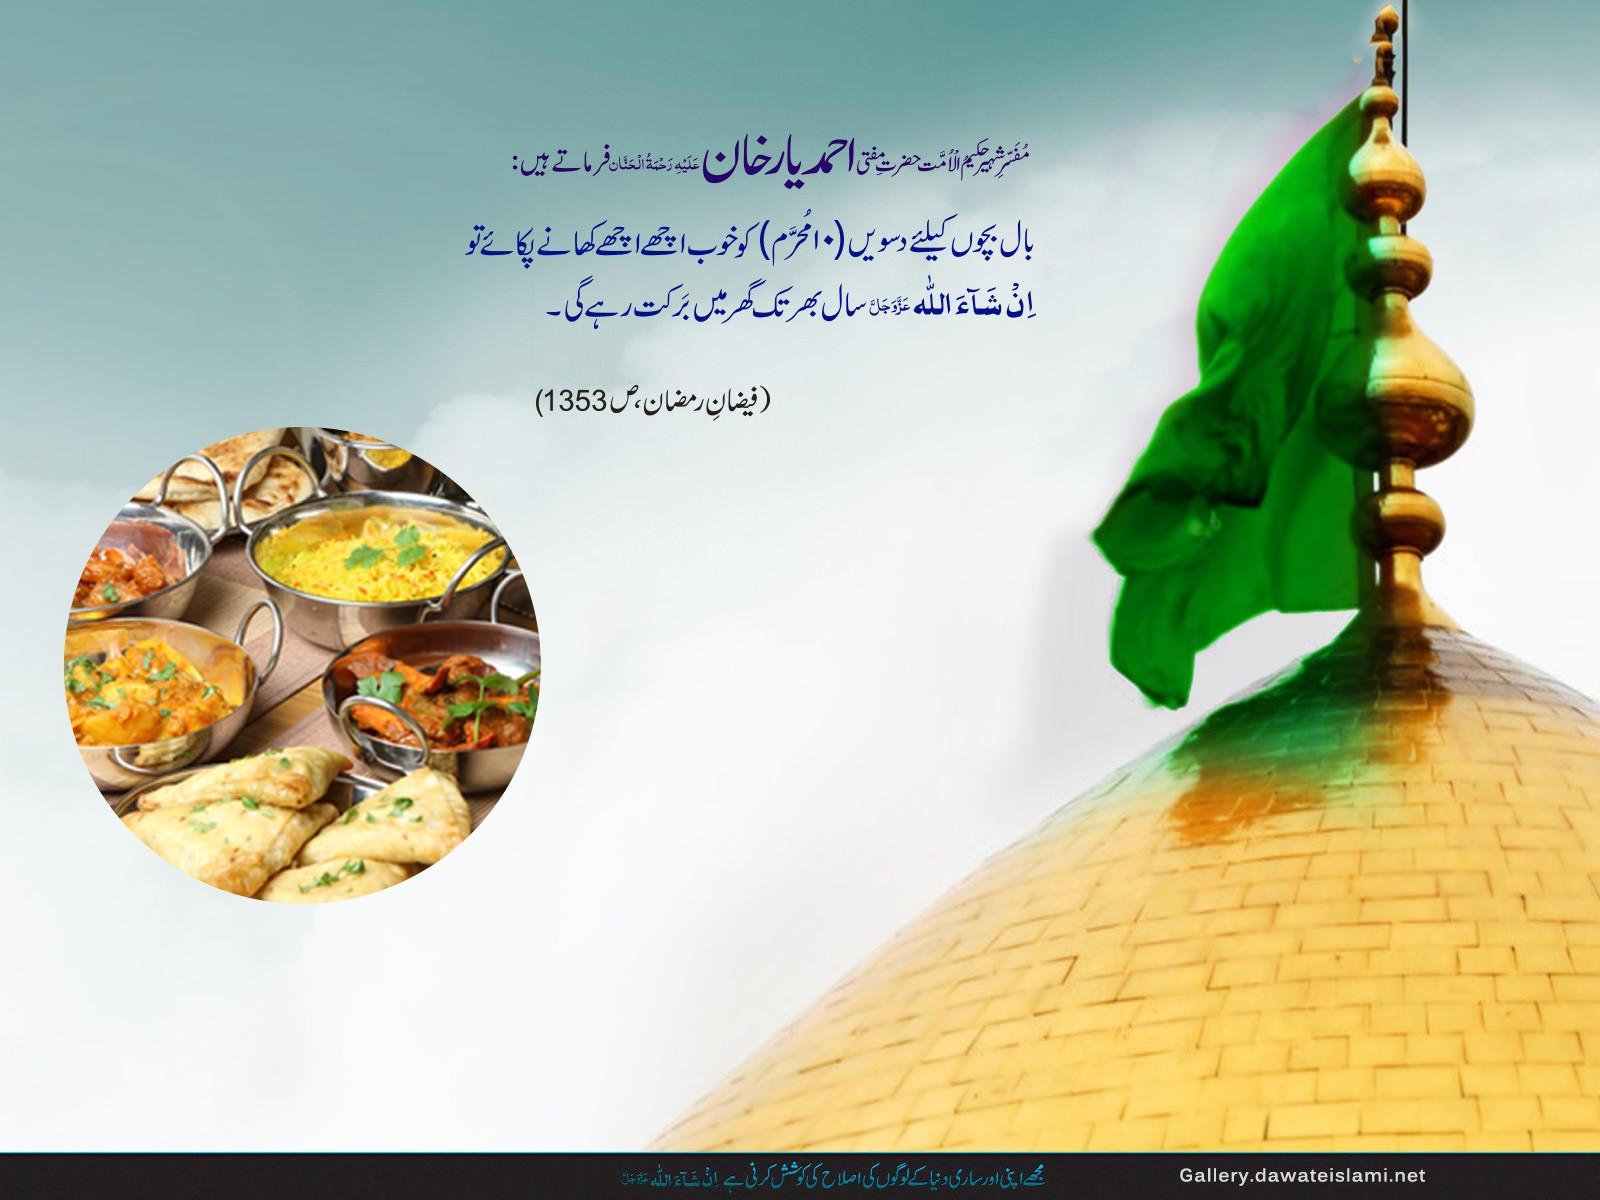 Saal bhar tak ghar main barkat - Muharram Wallpaper